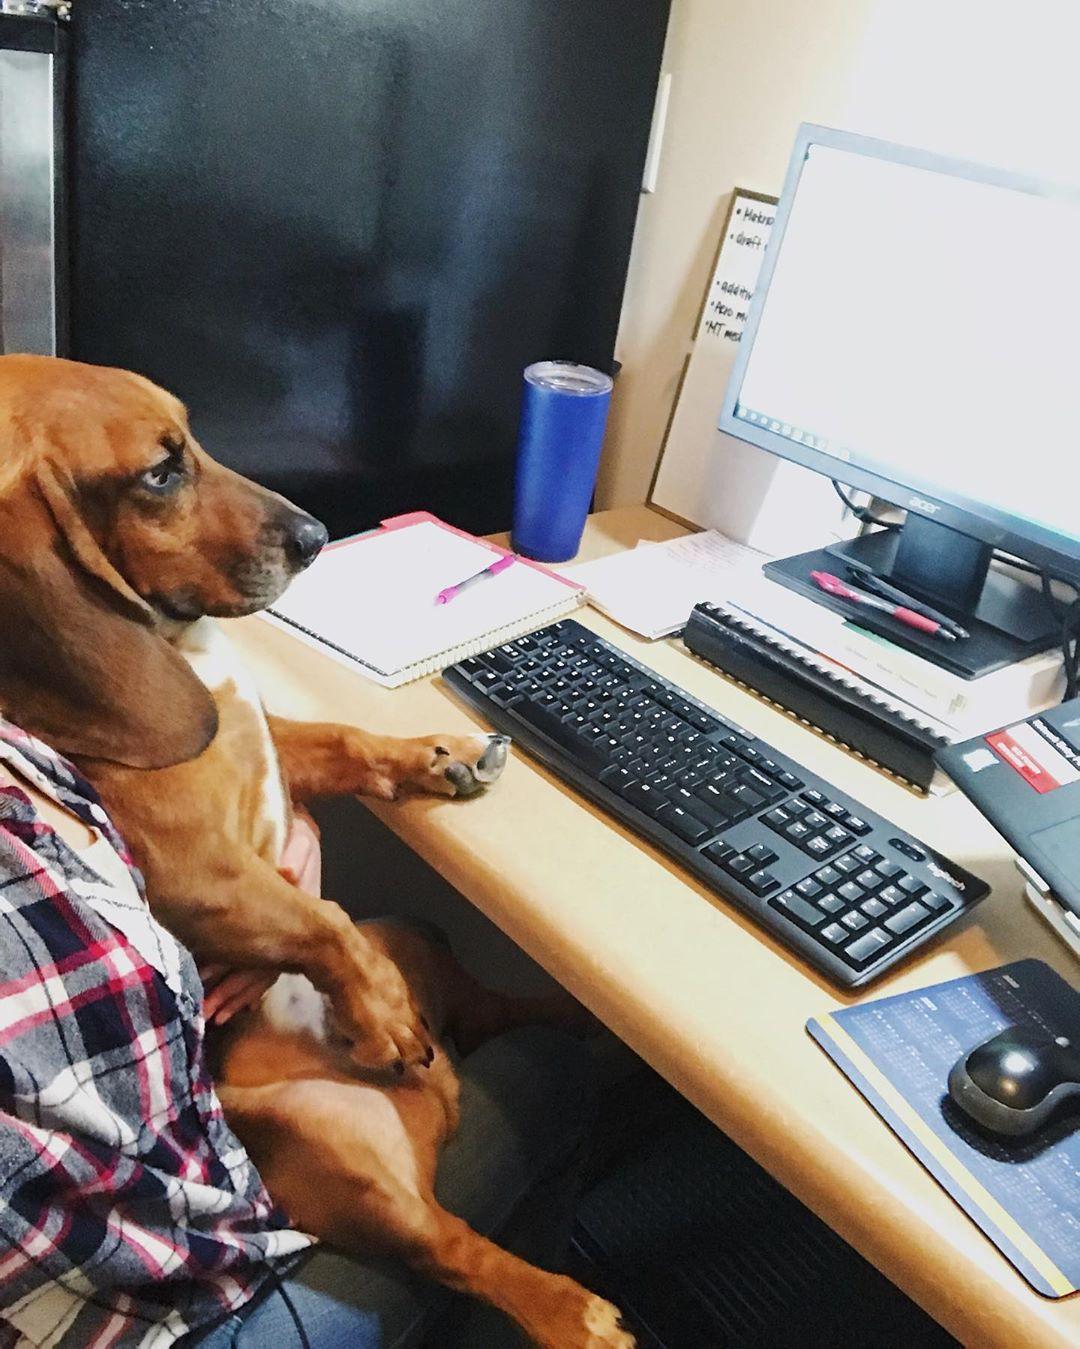 Basset hound at work